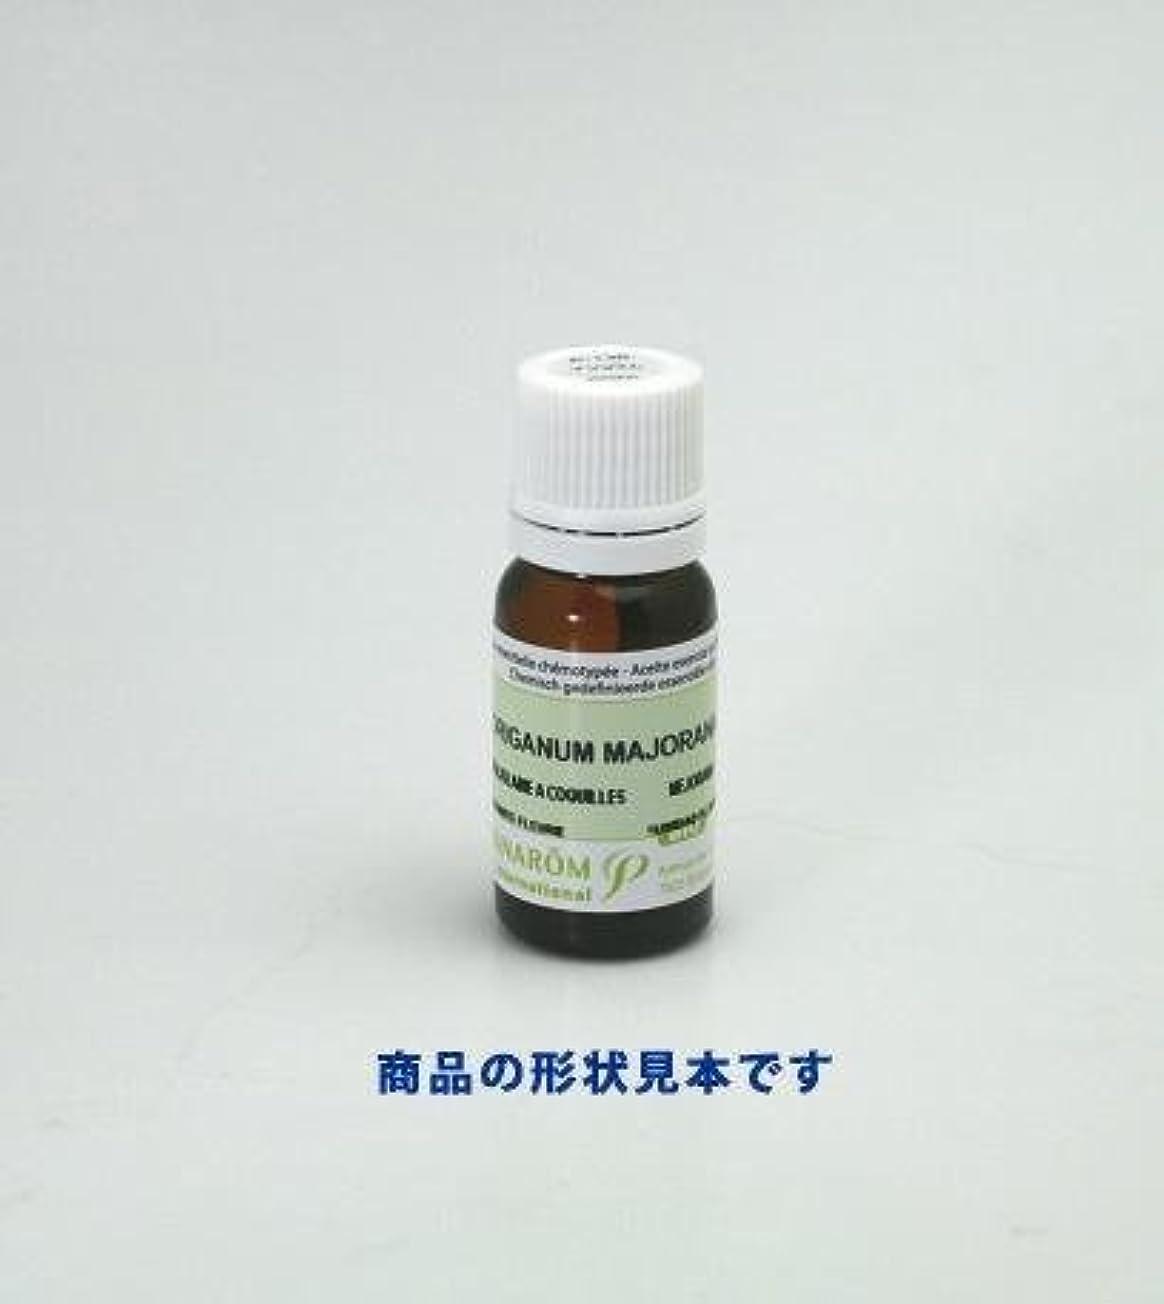 ドナー不機嫌そうなイディオムプラナロム精油 レモンバーベナ(P-106)